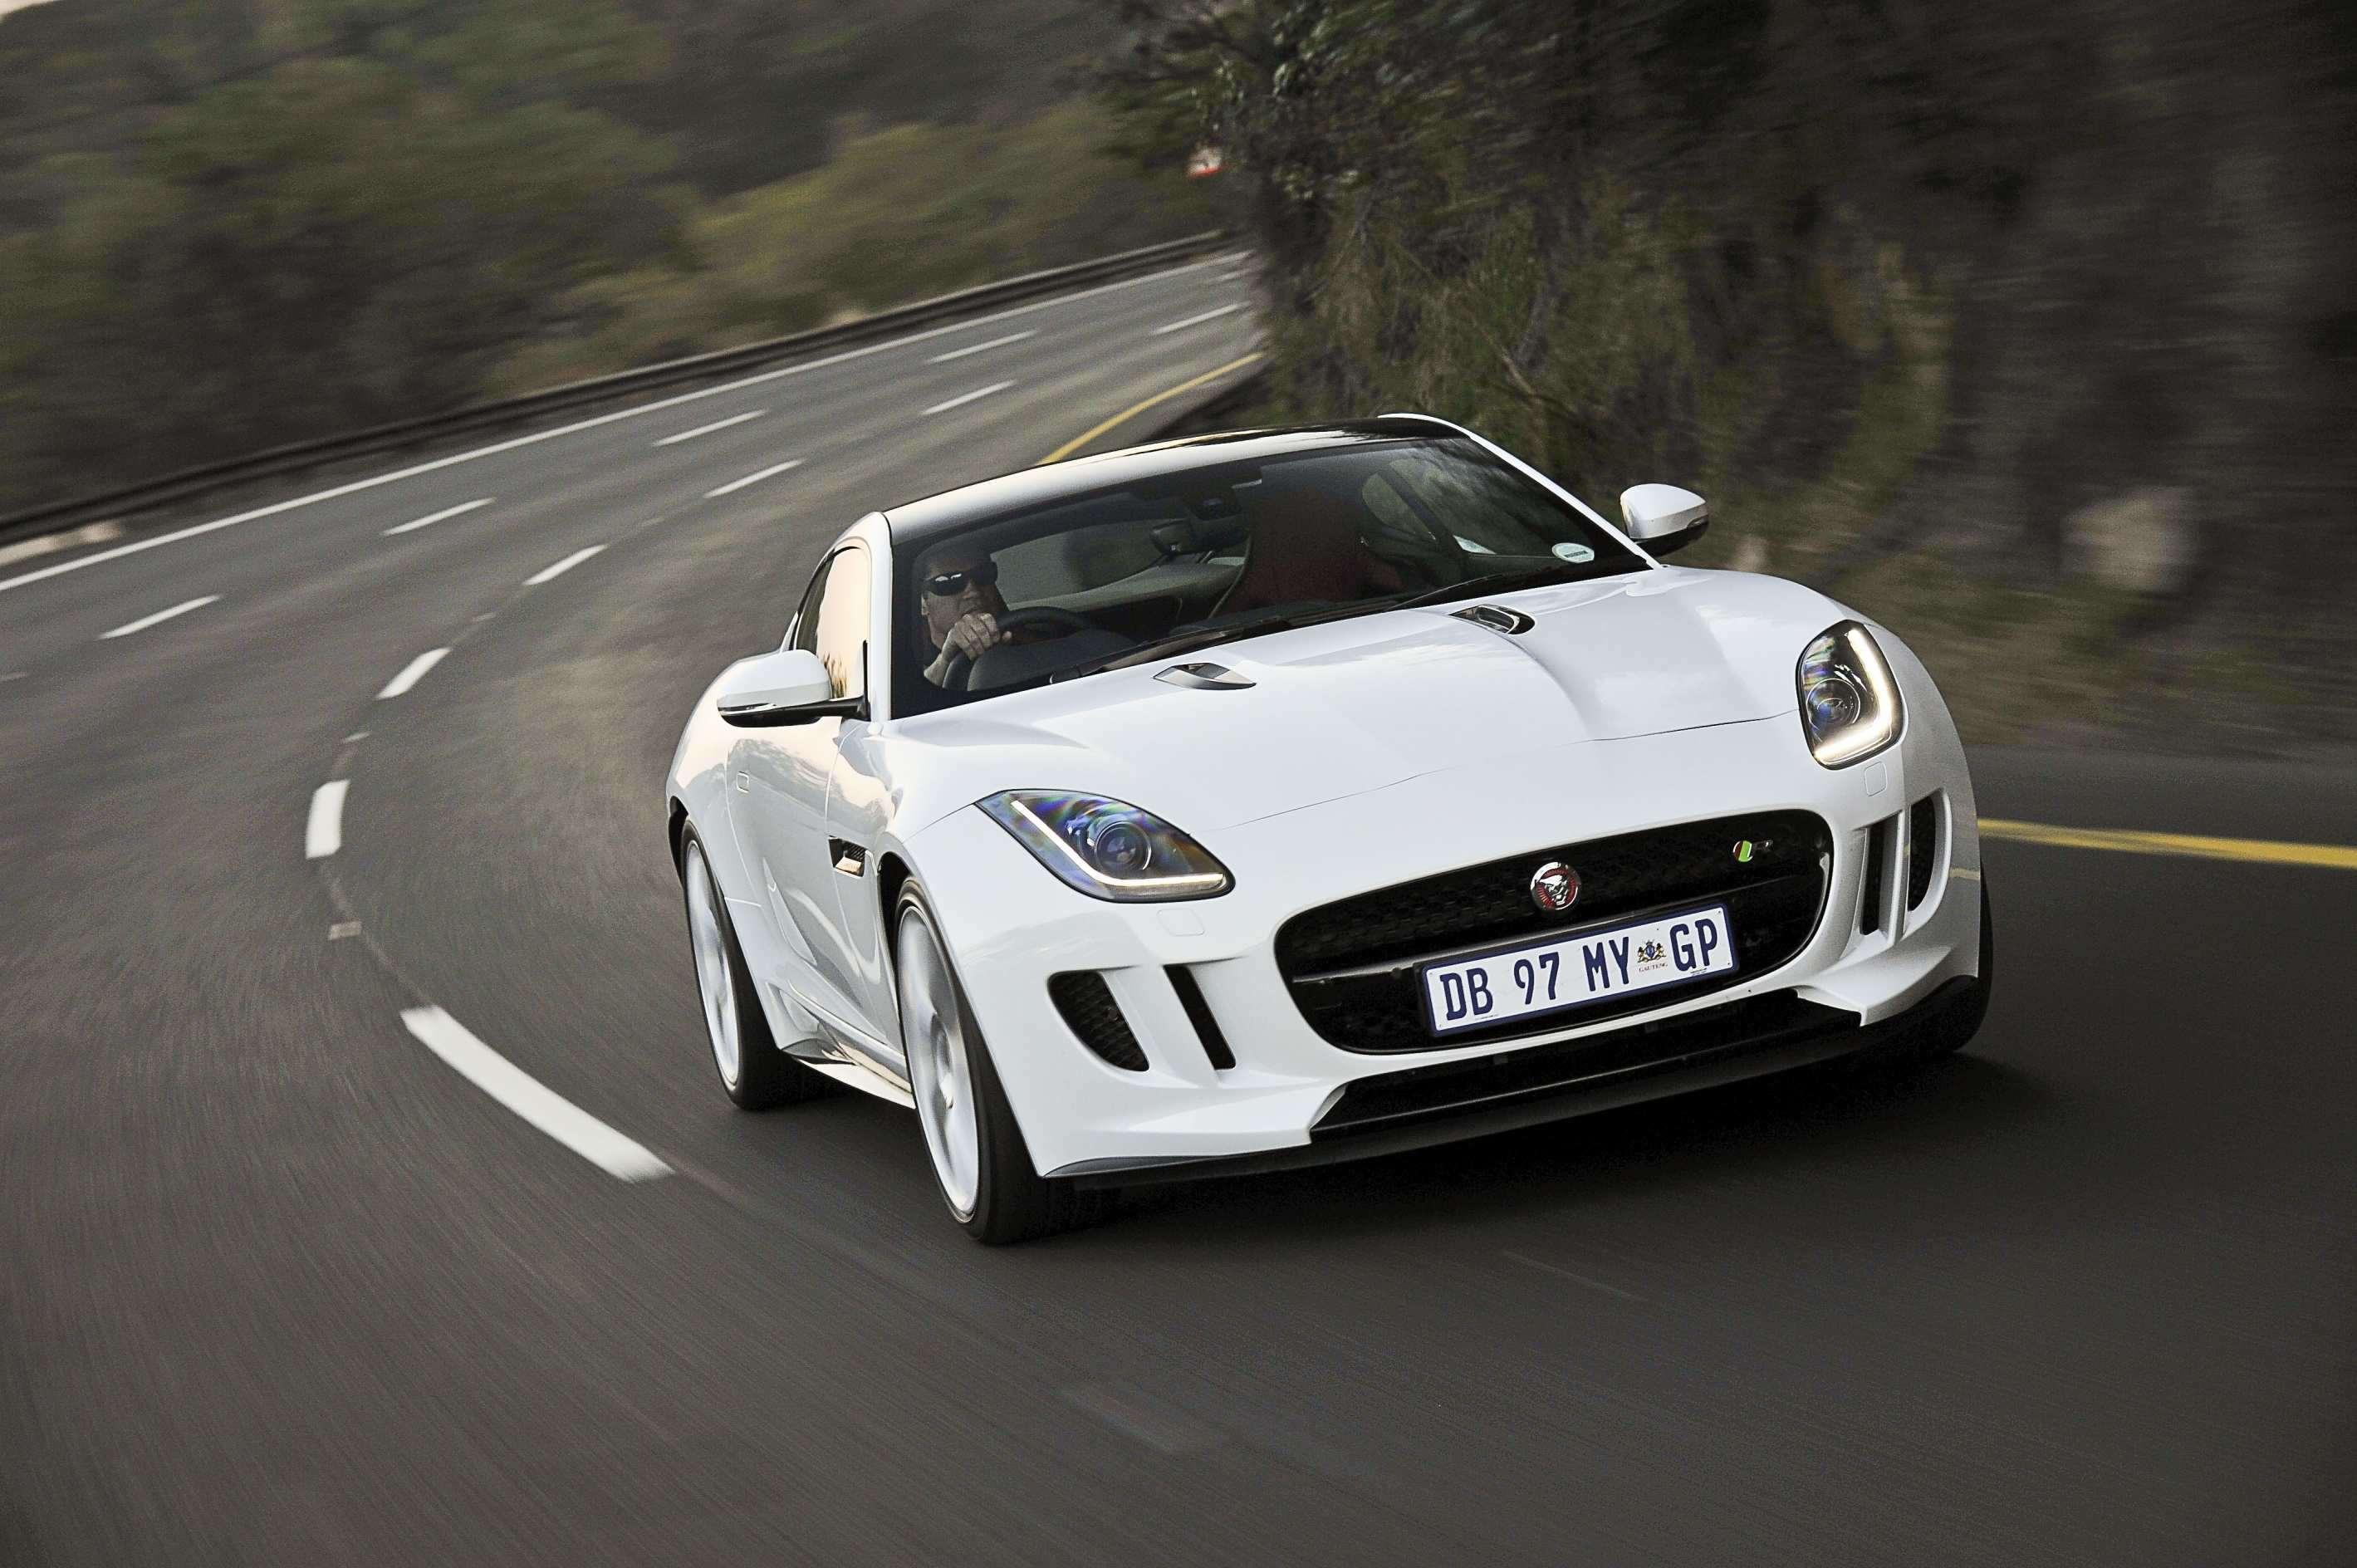 Jaguar F-Type Coupe (2014): Launch Drive